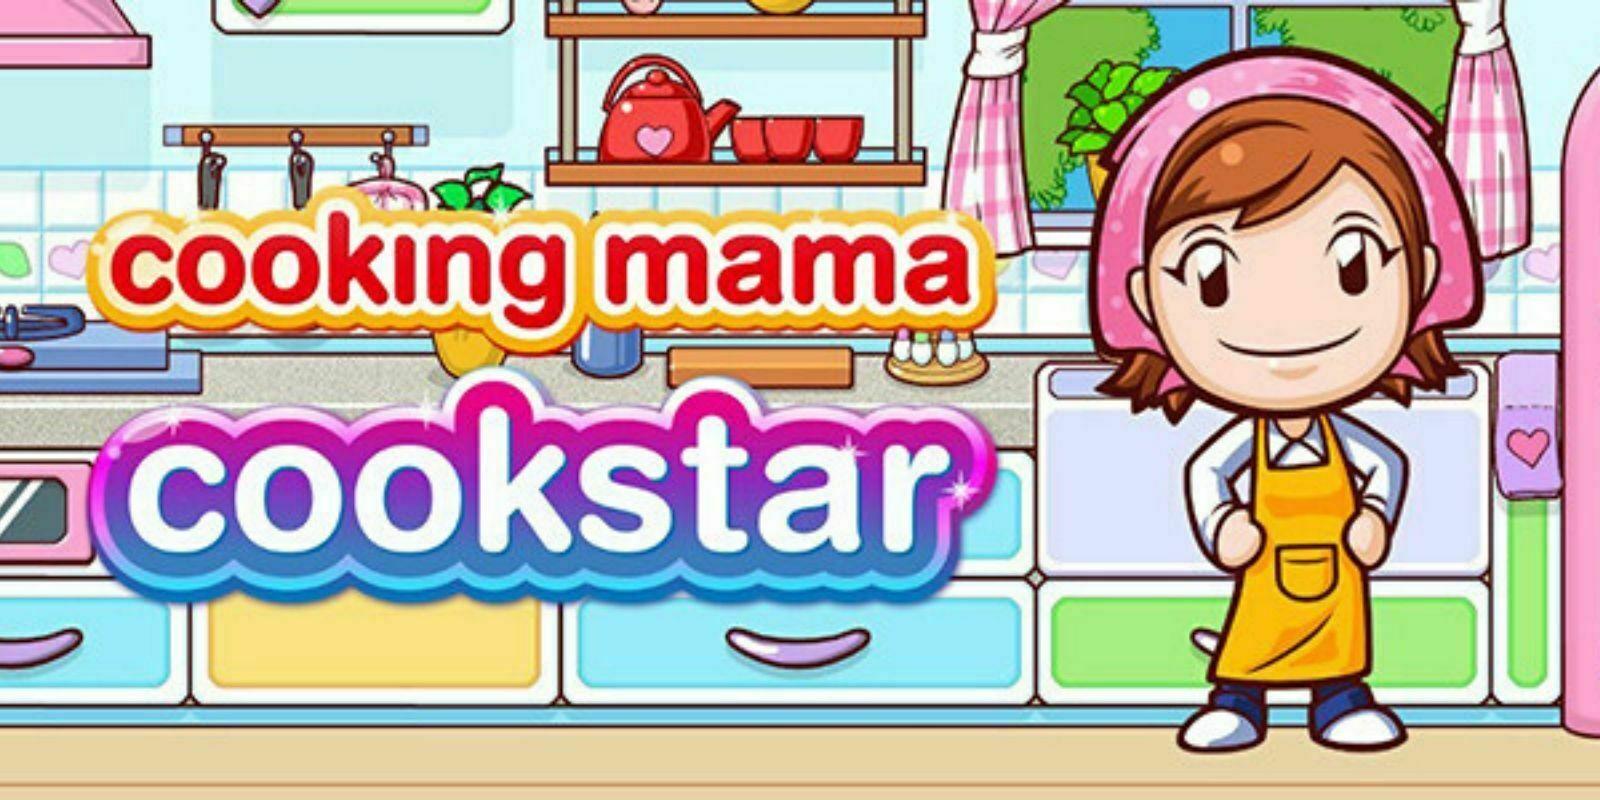 La folle histoire de Cooking Mama Cookstar, le jeu accusé de cryptojacking